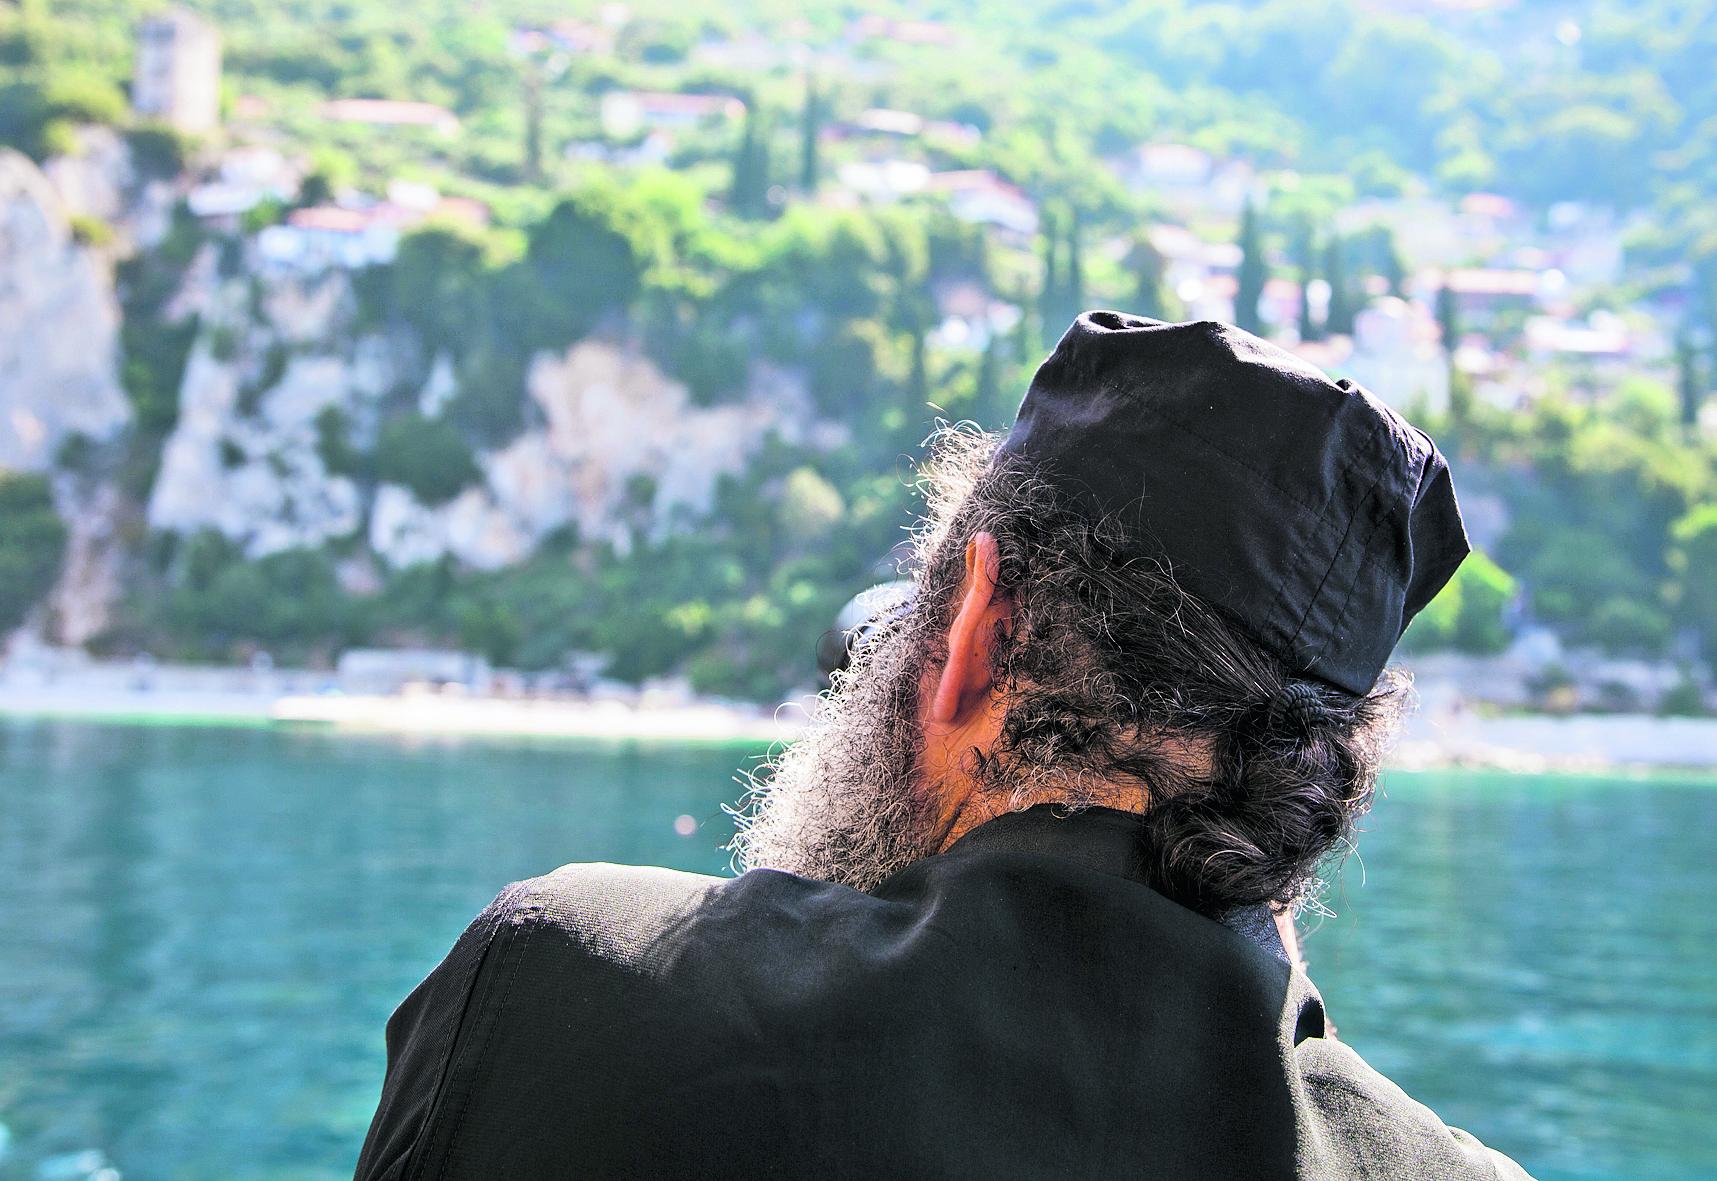 נזיר צופה מהמעבורת לעבר מנזר אנה הקדושה. שקי סחורה, משאיות עמוסות ועשרות עולי רגל